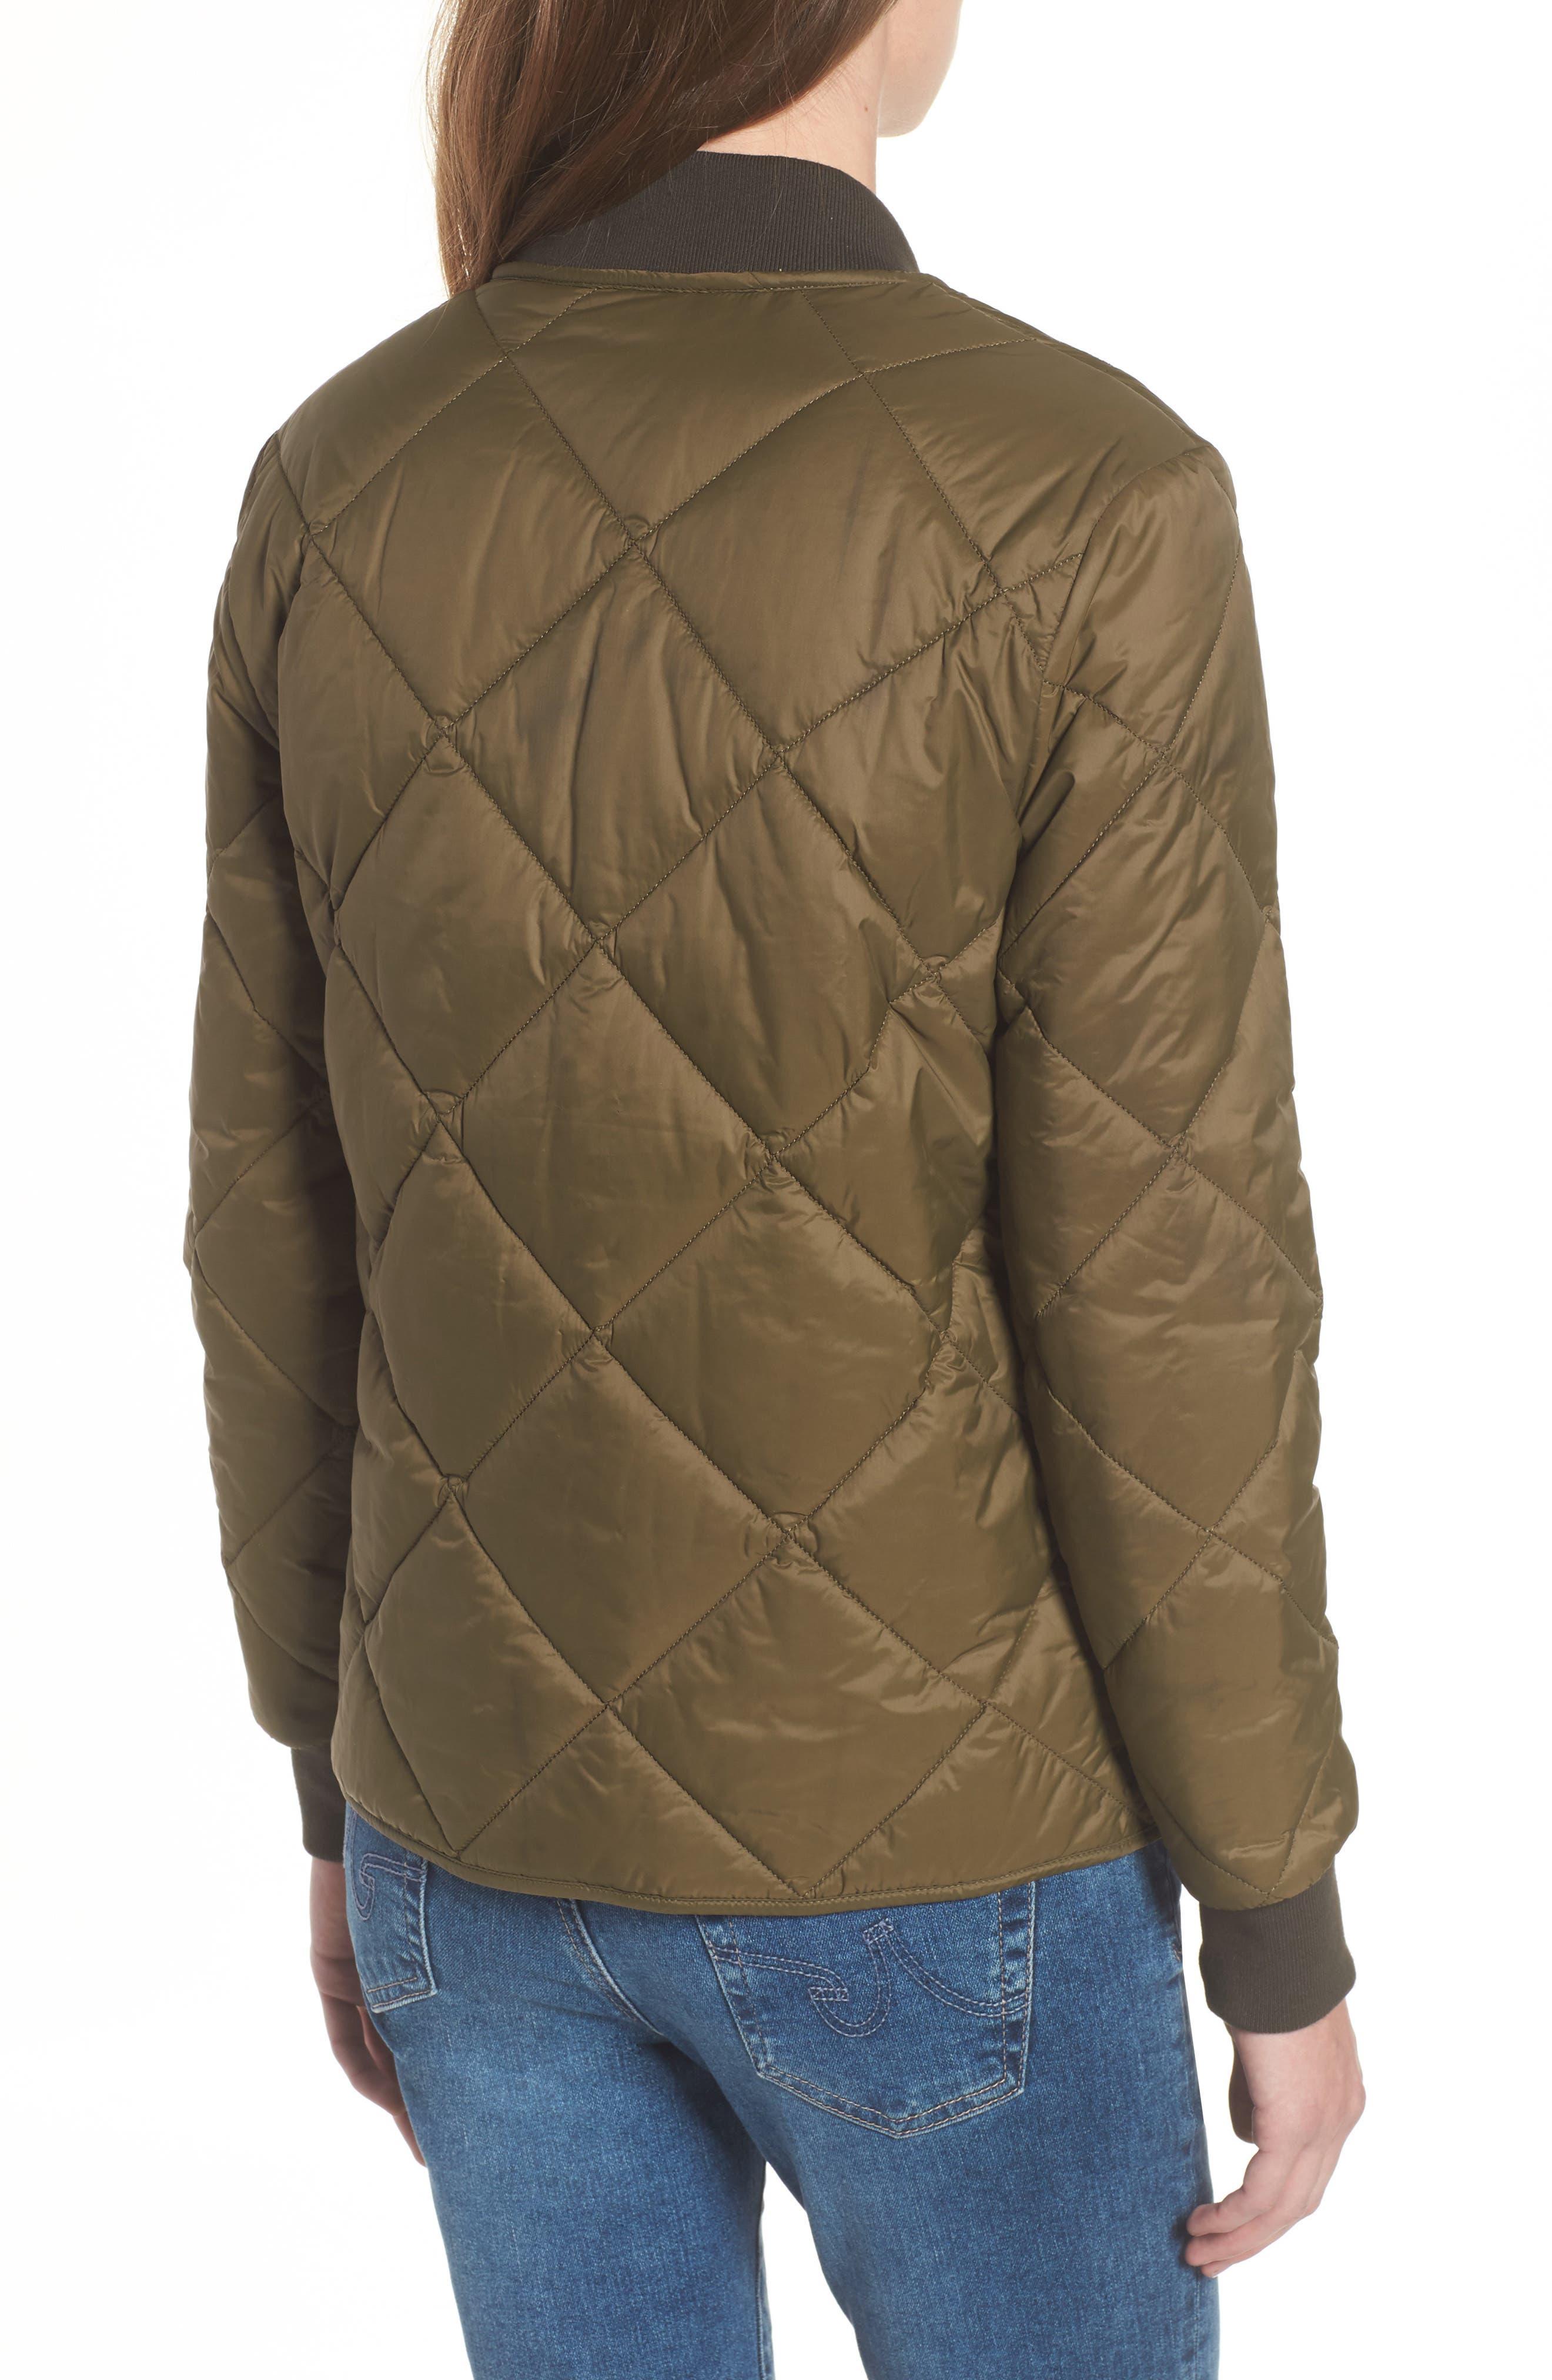 Freckleton Jacket,                             Alternate thumbnail 2, color,                             340